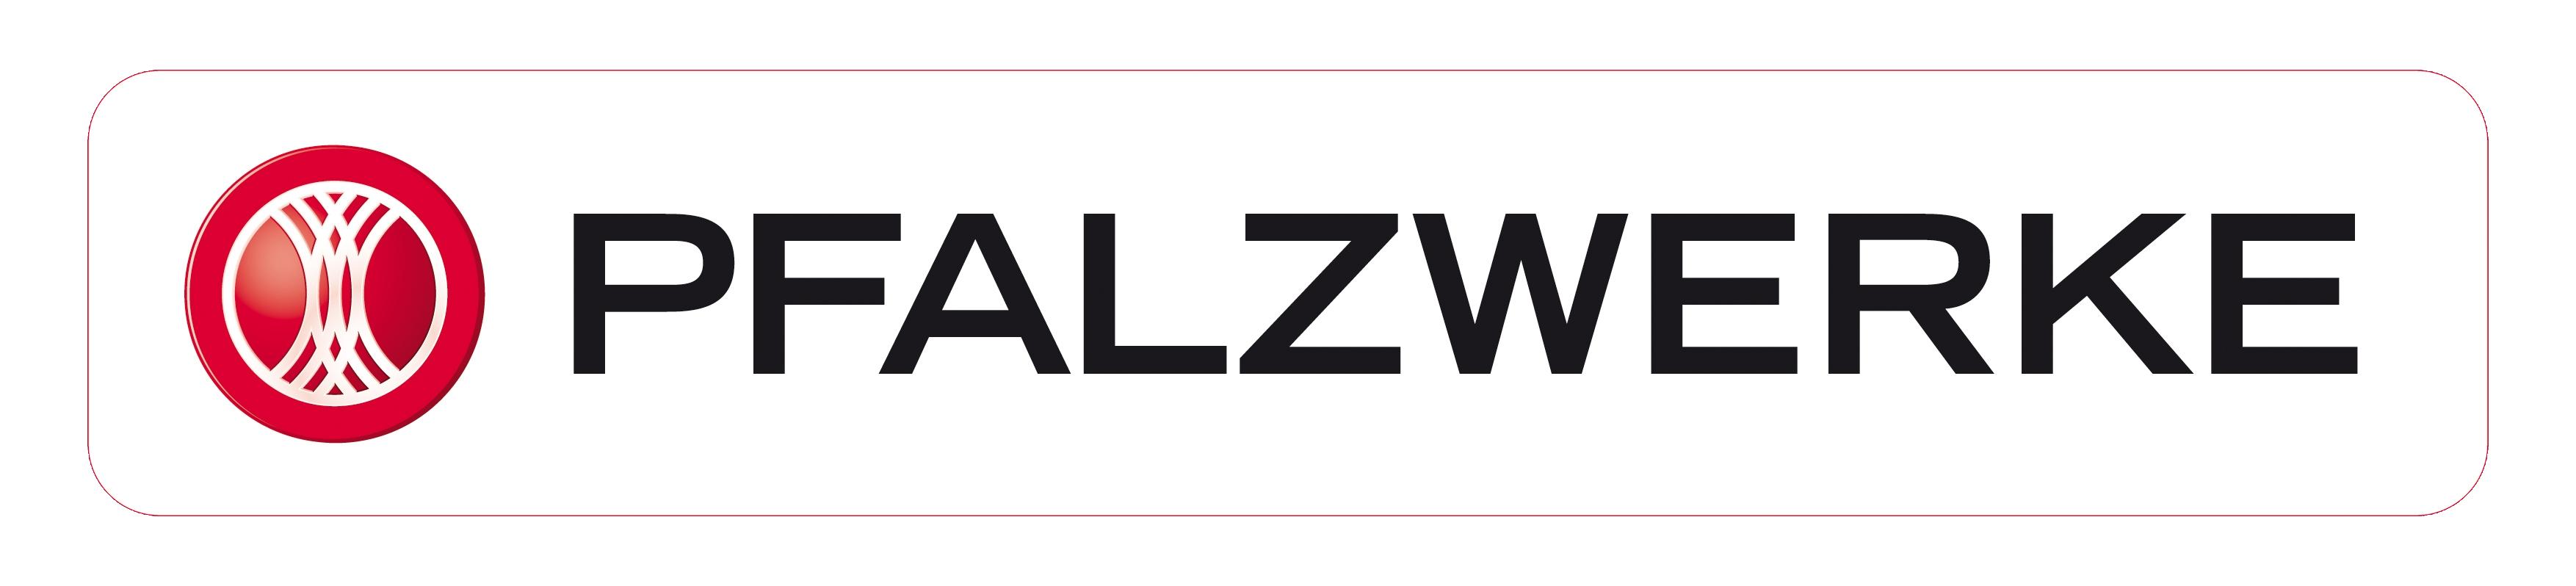 Vereinssponsoring der Pfalzwerke AG